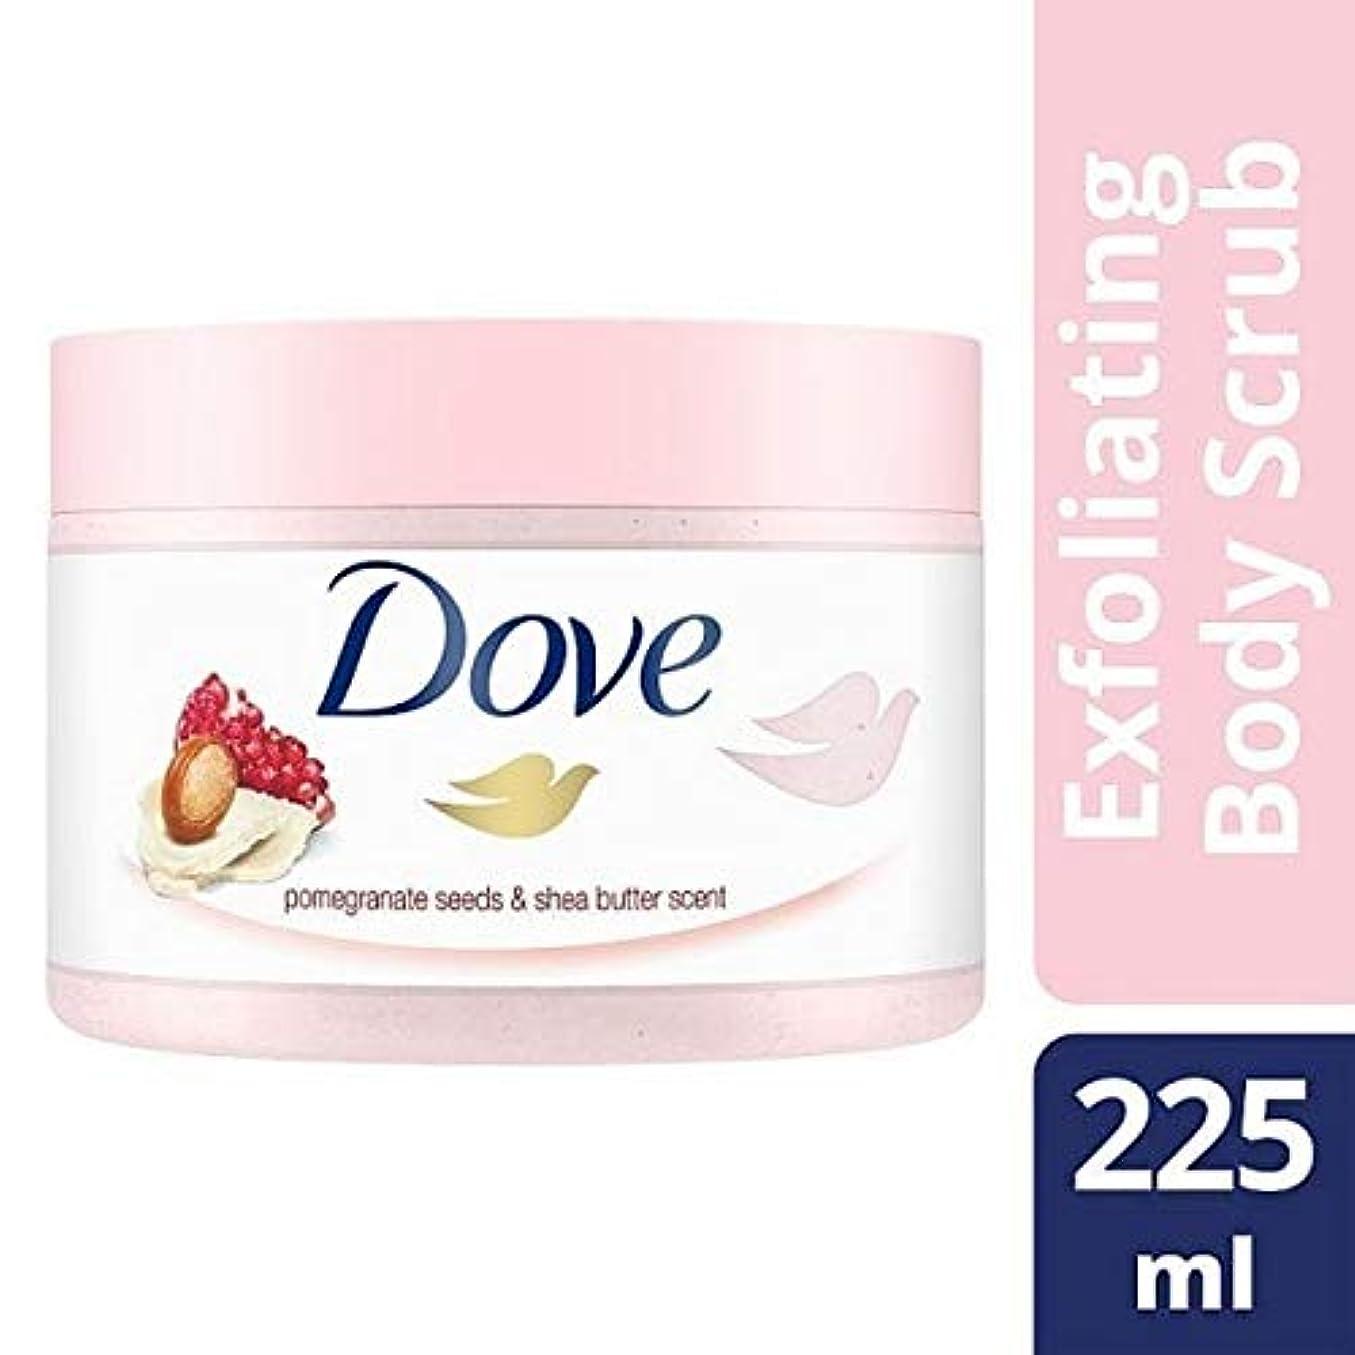 受け入れるヘルシーブラスト[Dove ] 225ミリリットルボディスクラブザクロ種子を剥離鳩 - Dove Exfoliating Body Scrub Pomegranate Seeds 225ml [並行輸入品]